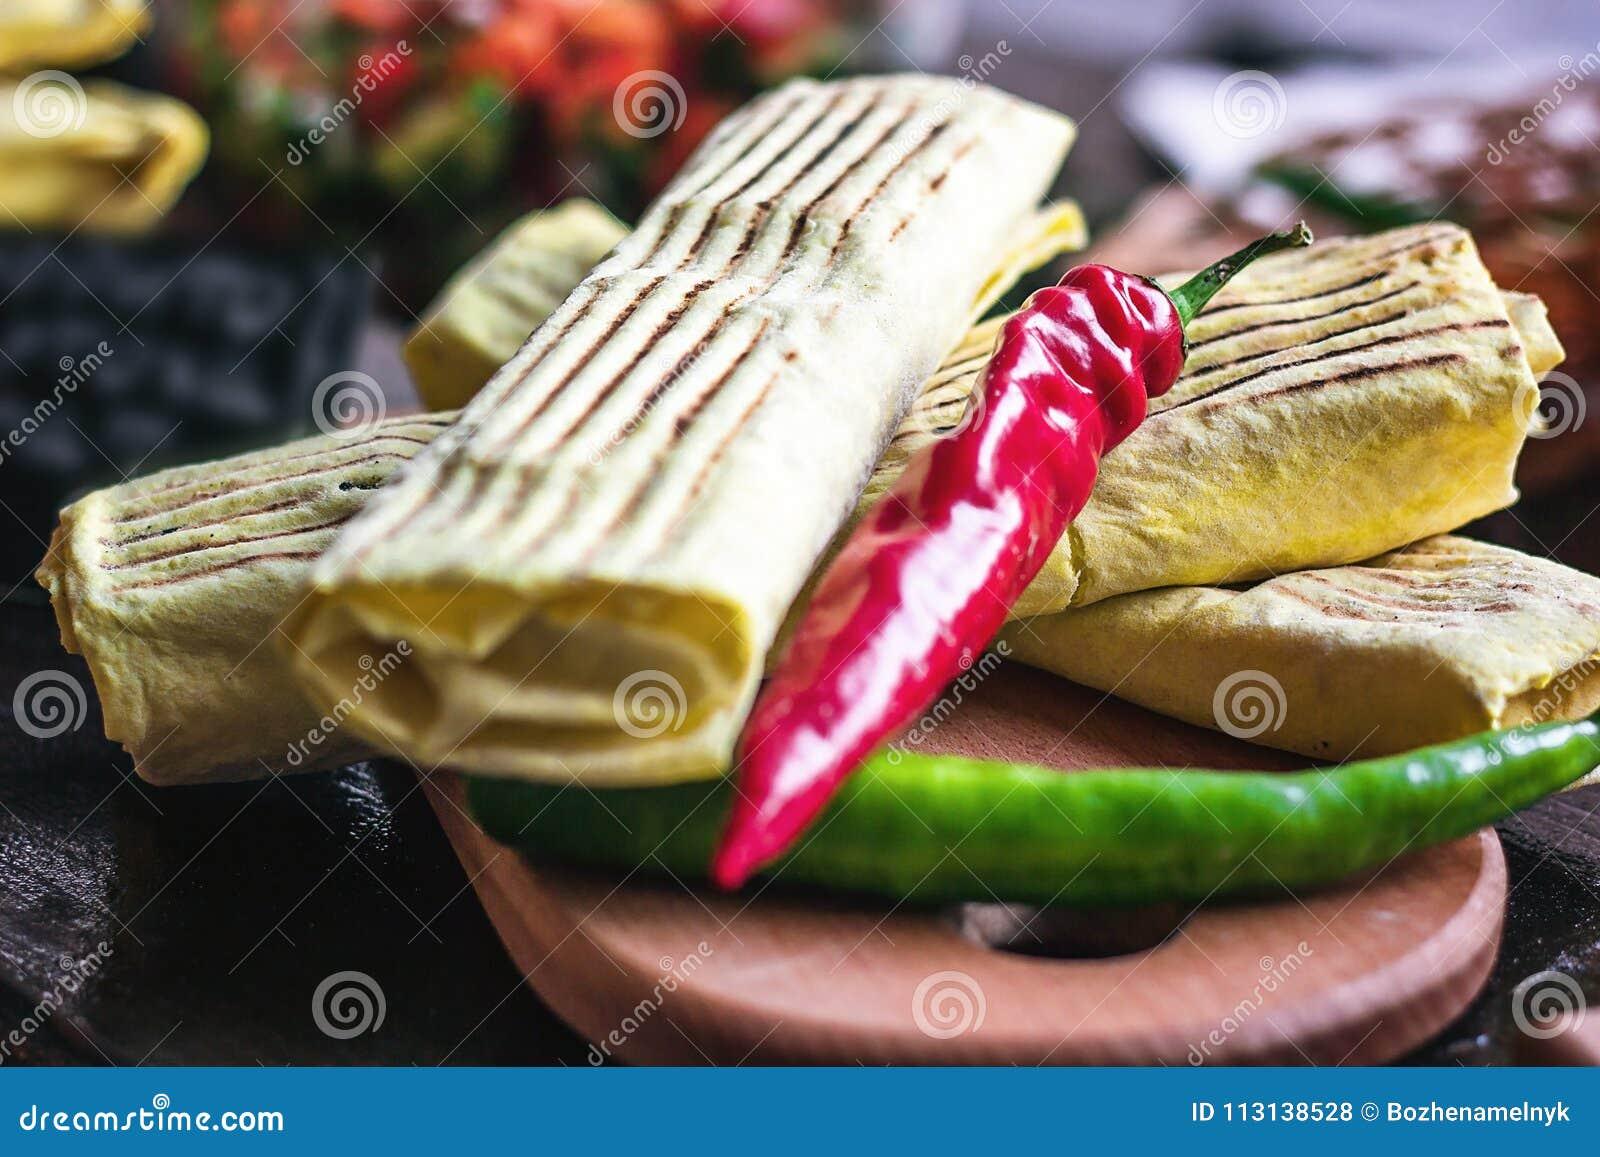 Toma o café da manhã o jantar mexicano do fast food de dois burritos deliciosos picantes na tabela de madeira da placa de madeira